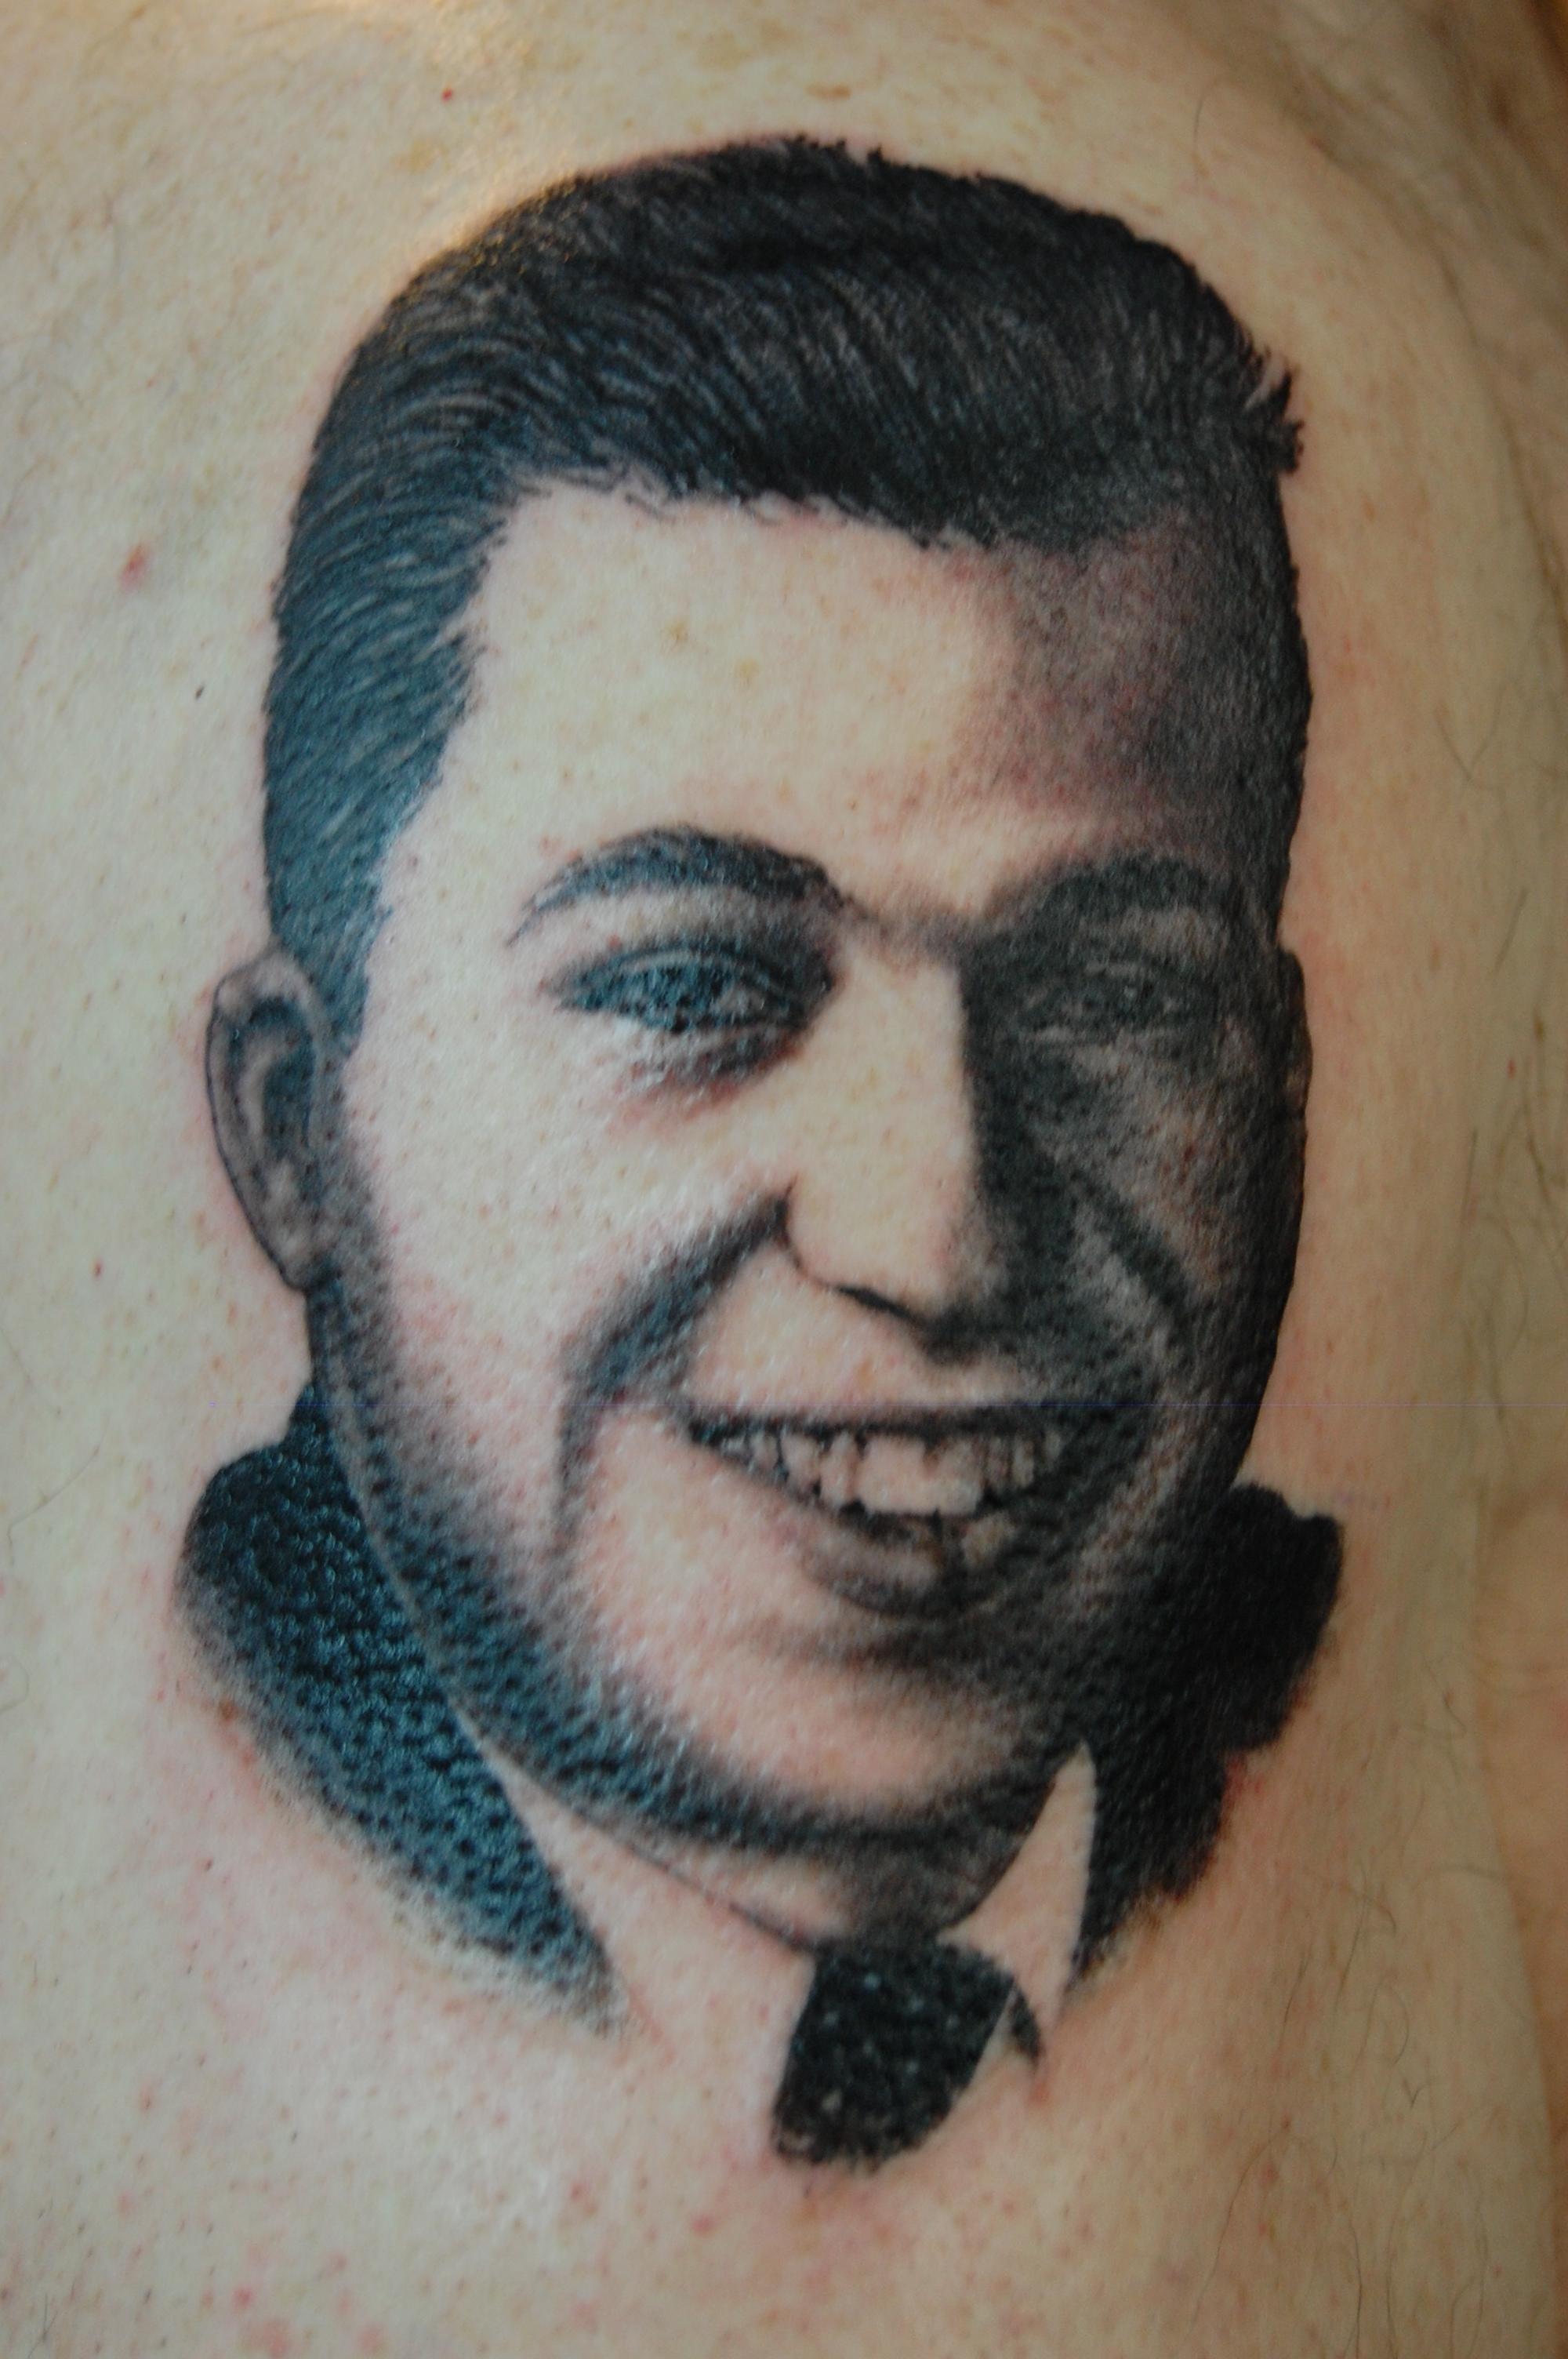 Tags: best of boston tattoo